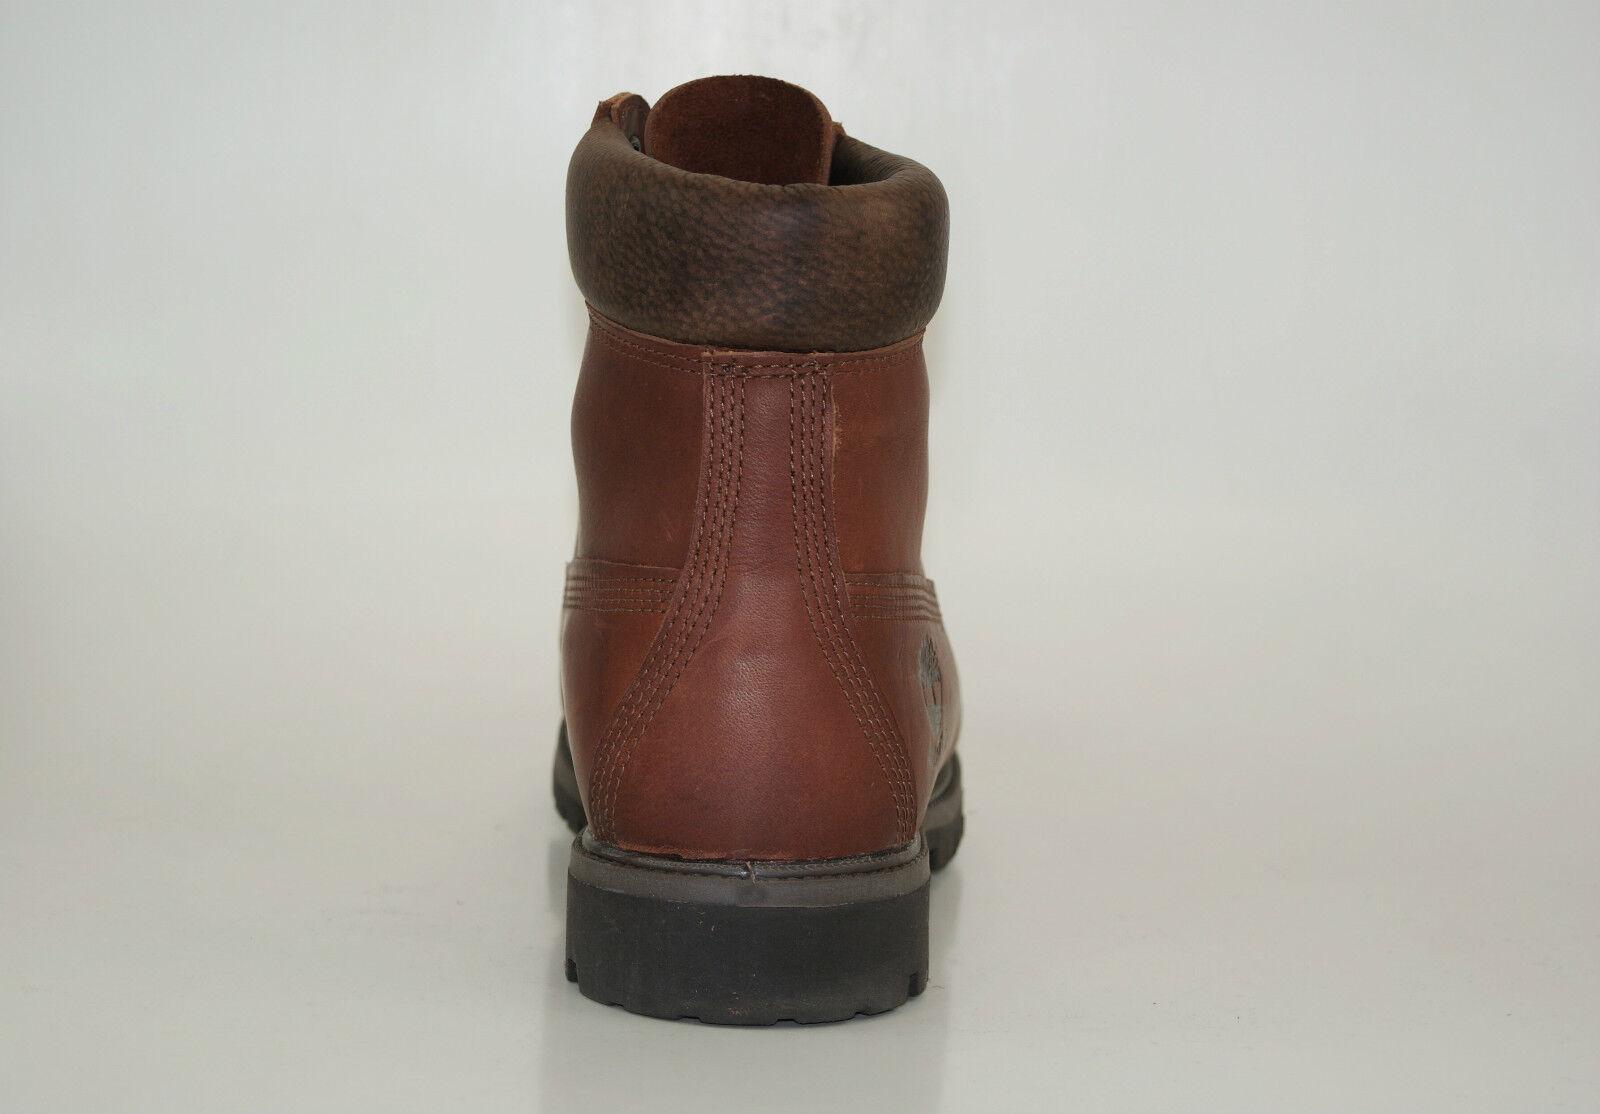 Timberland AF 6 Inch Inch Inch Premium stivali Waterproof Stivali Uomo Scarpe Invernali 6745r | durabilità  6f8700